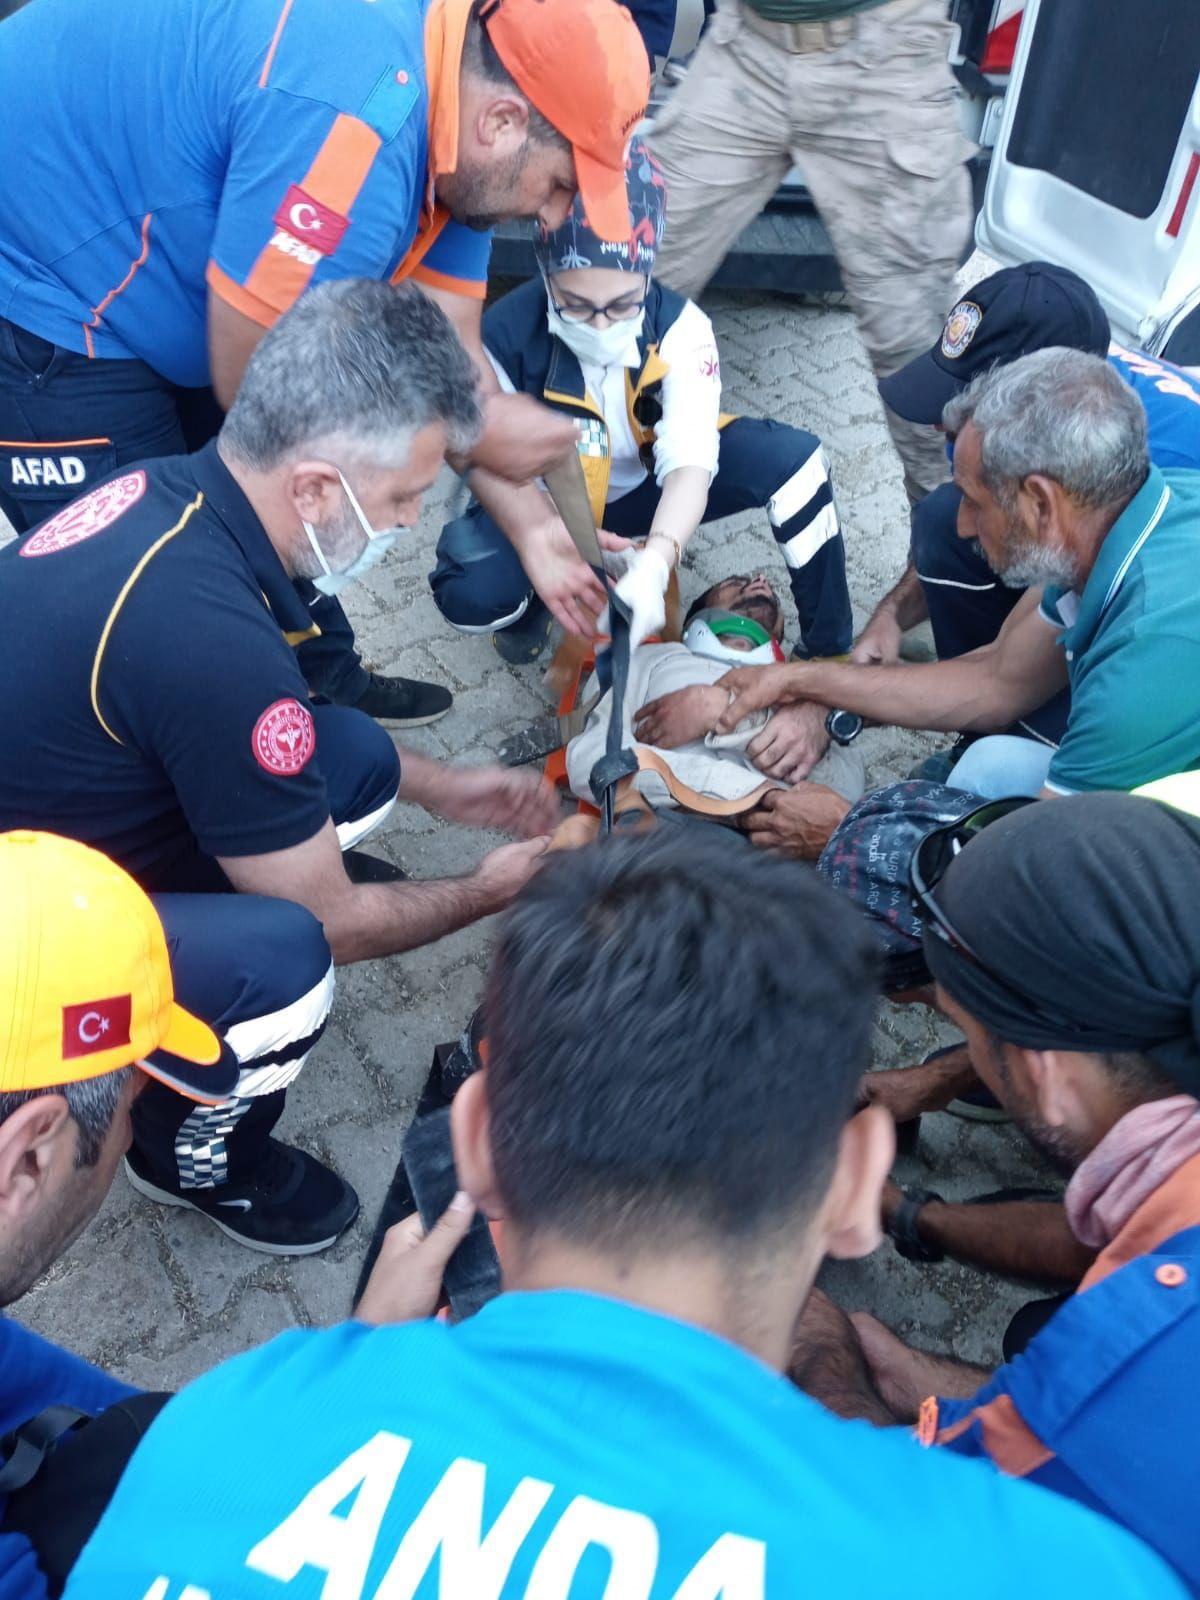 Diyarbakır daki kayıp epilepsi hastası bulundu #2